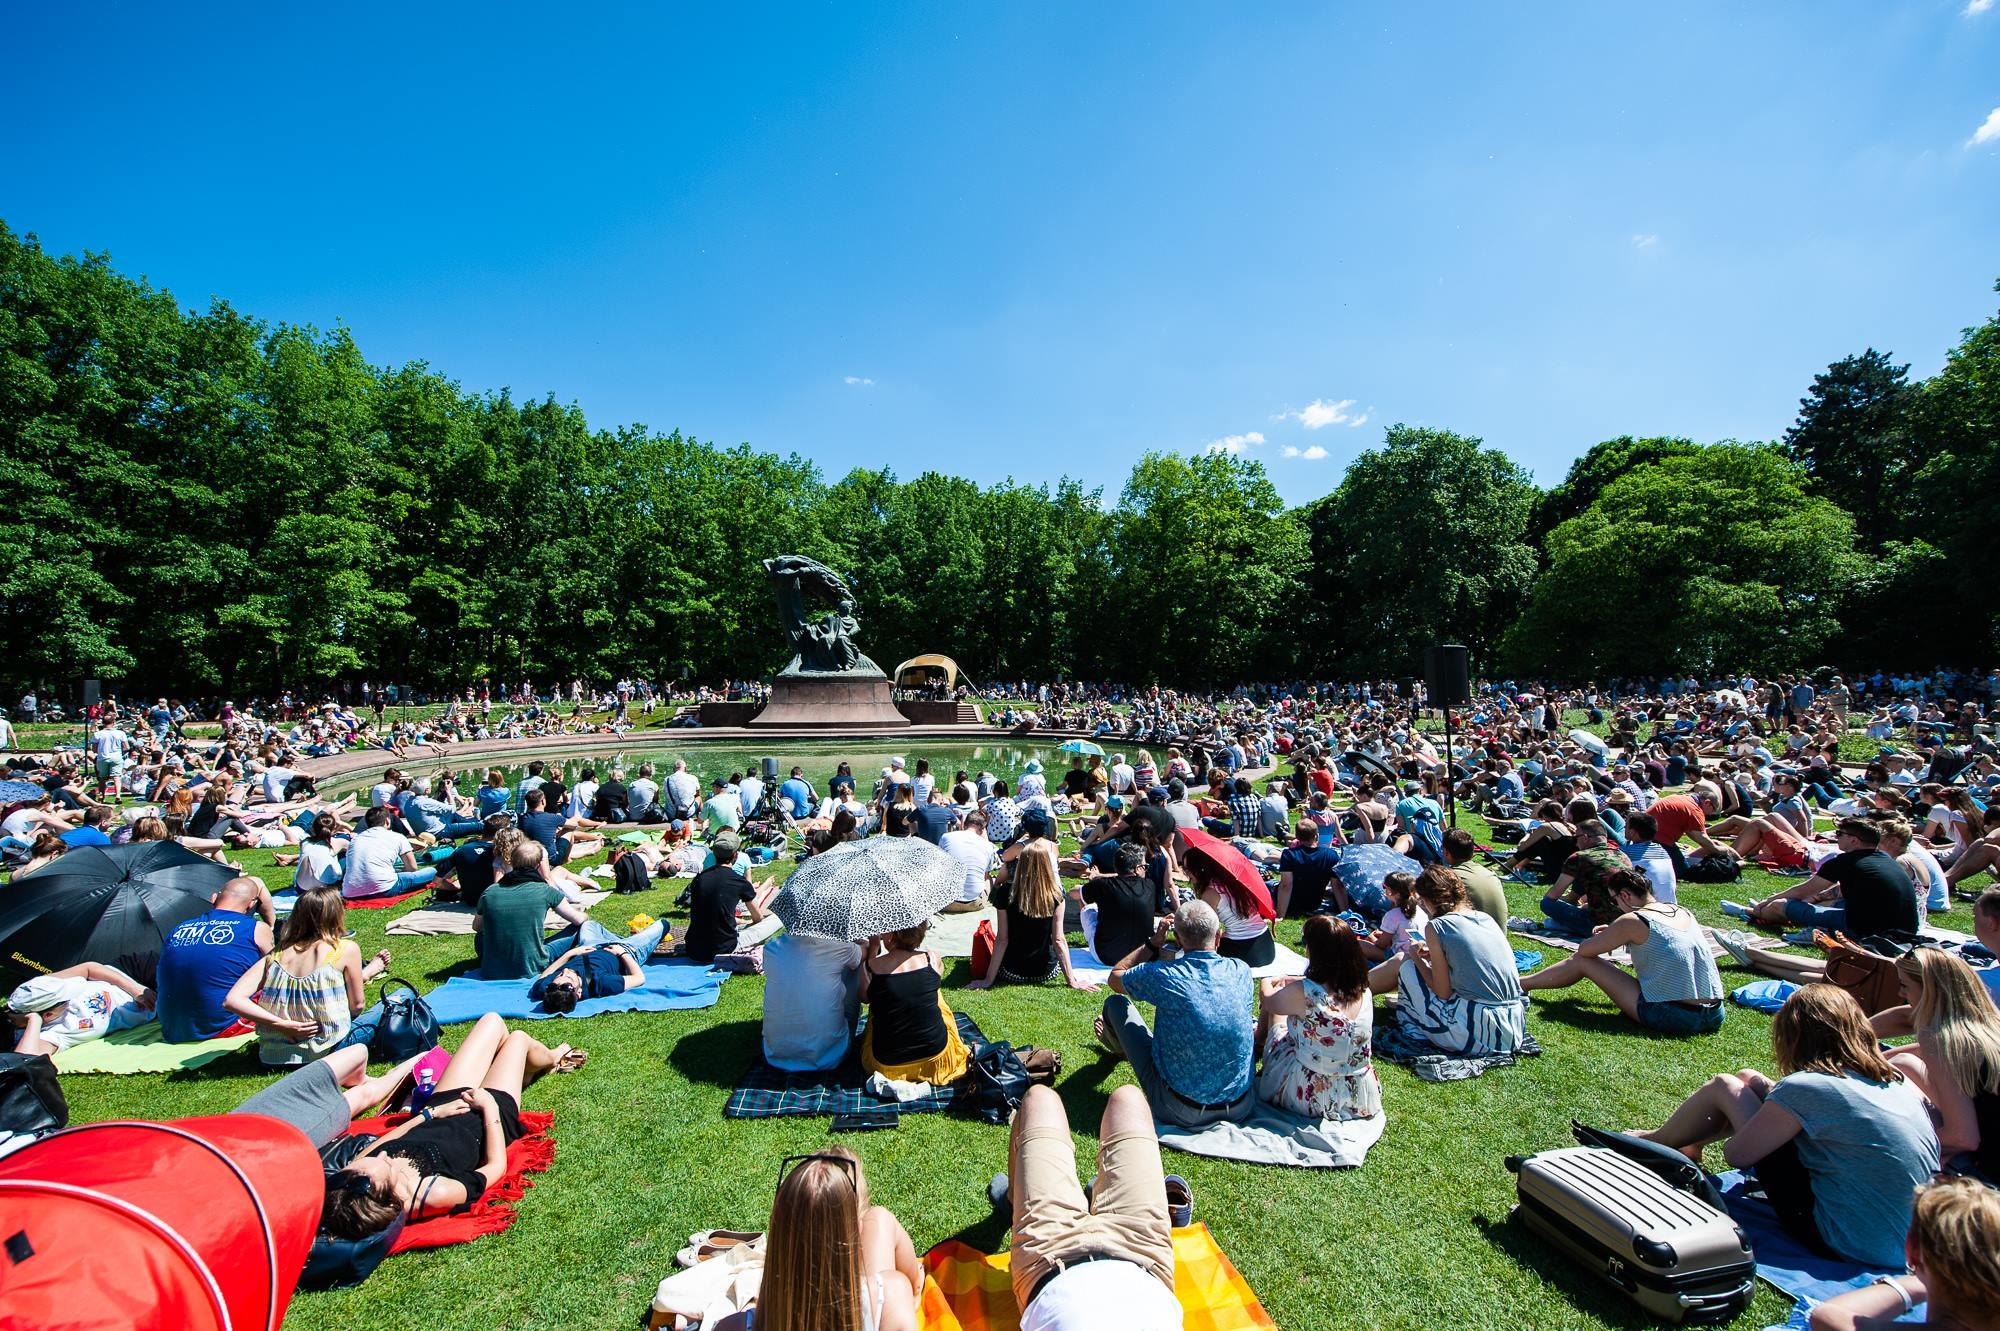 Ludzie siedzący i leżący na trawie skierowani w stronę pomnika.